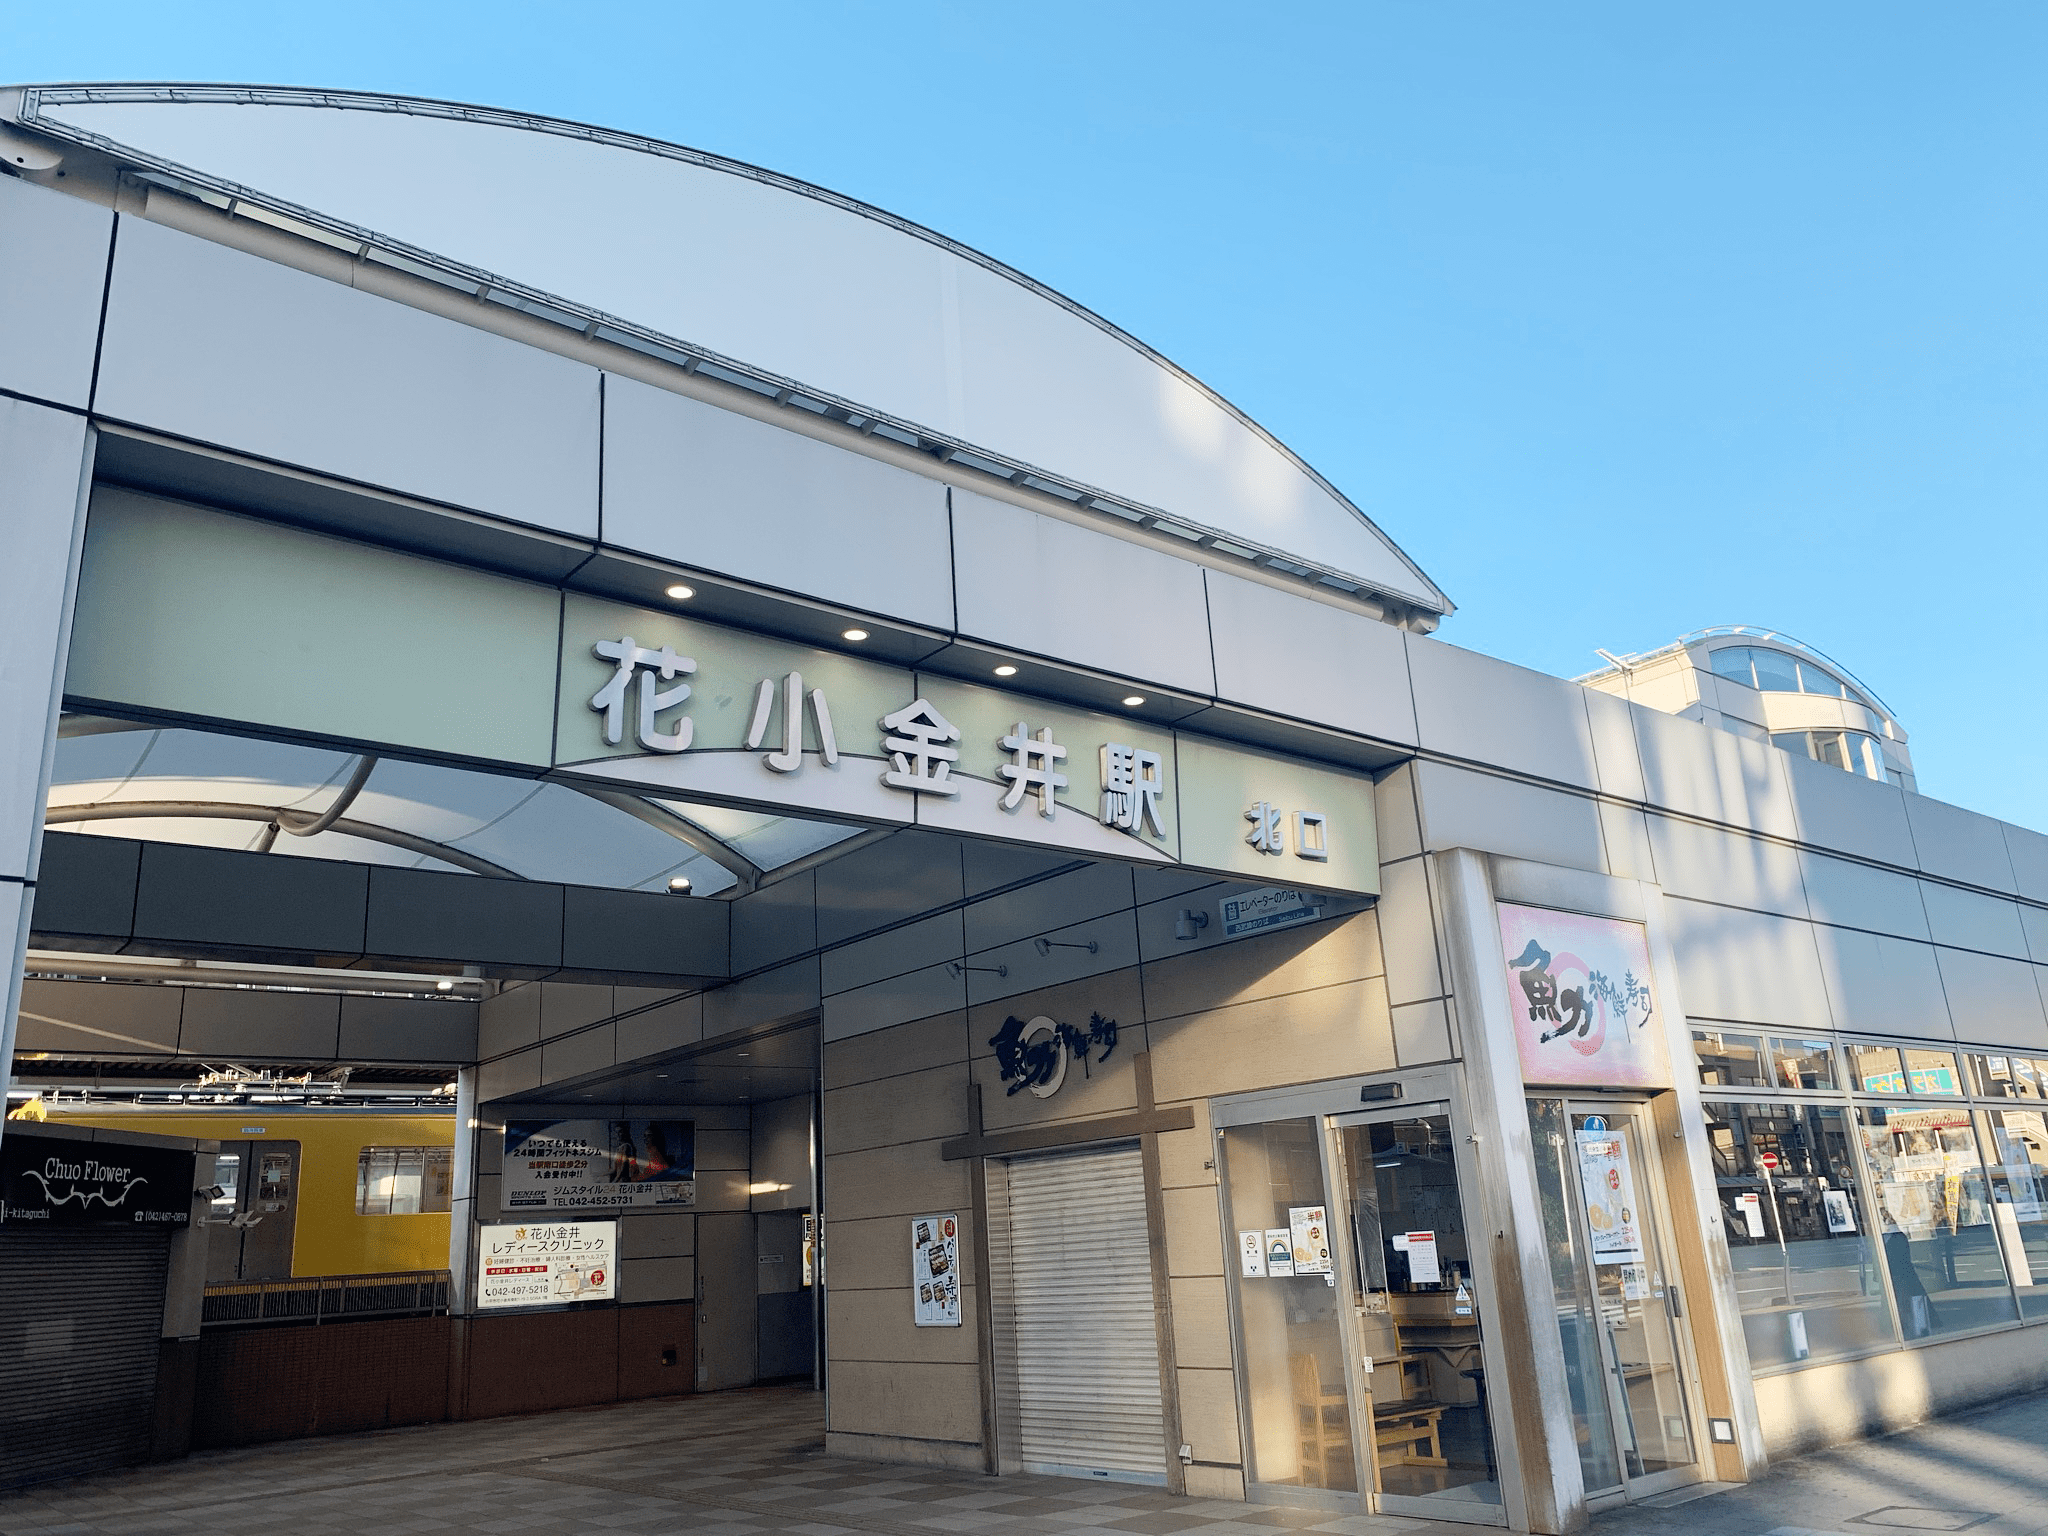 1.花小金井駅北口から小平合同庁舎方面へまっすぐお進めみください。